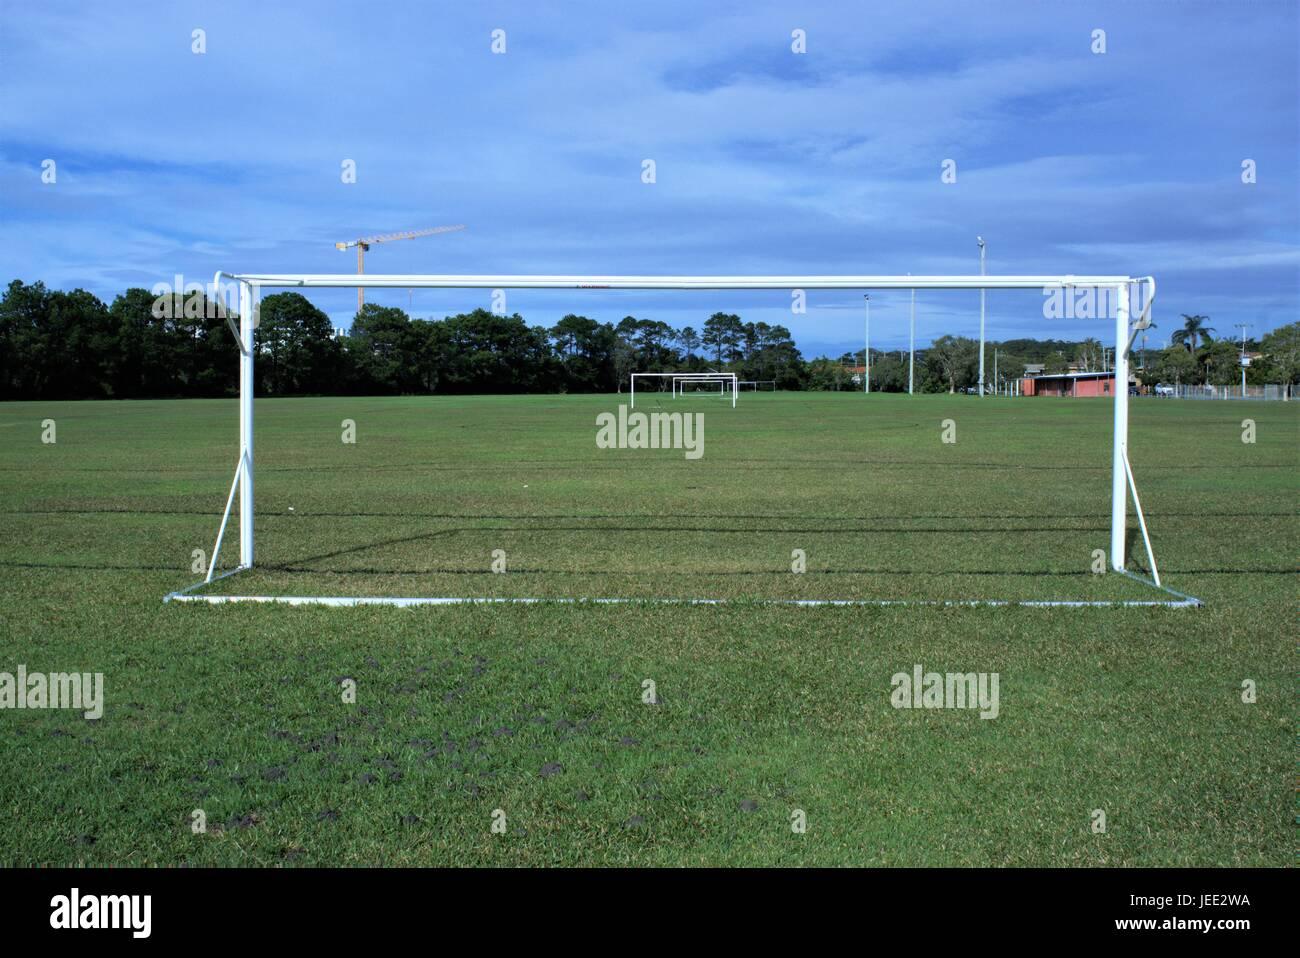 Parco giochi di calcio in Australia. Parco giochi di calcio con pali, proiettori, alberi e una gru in lontananza. Immagini Stock